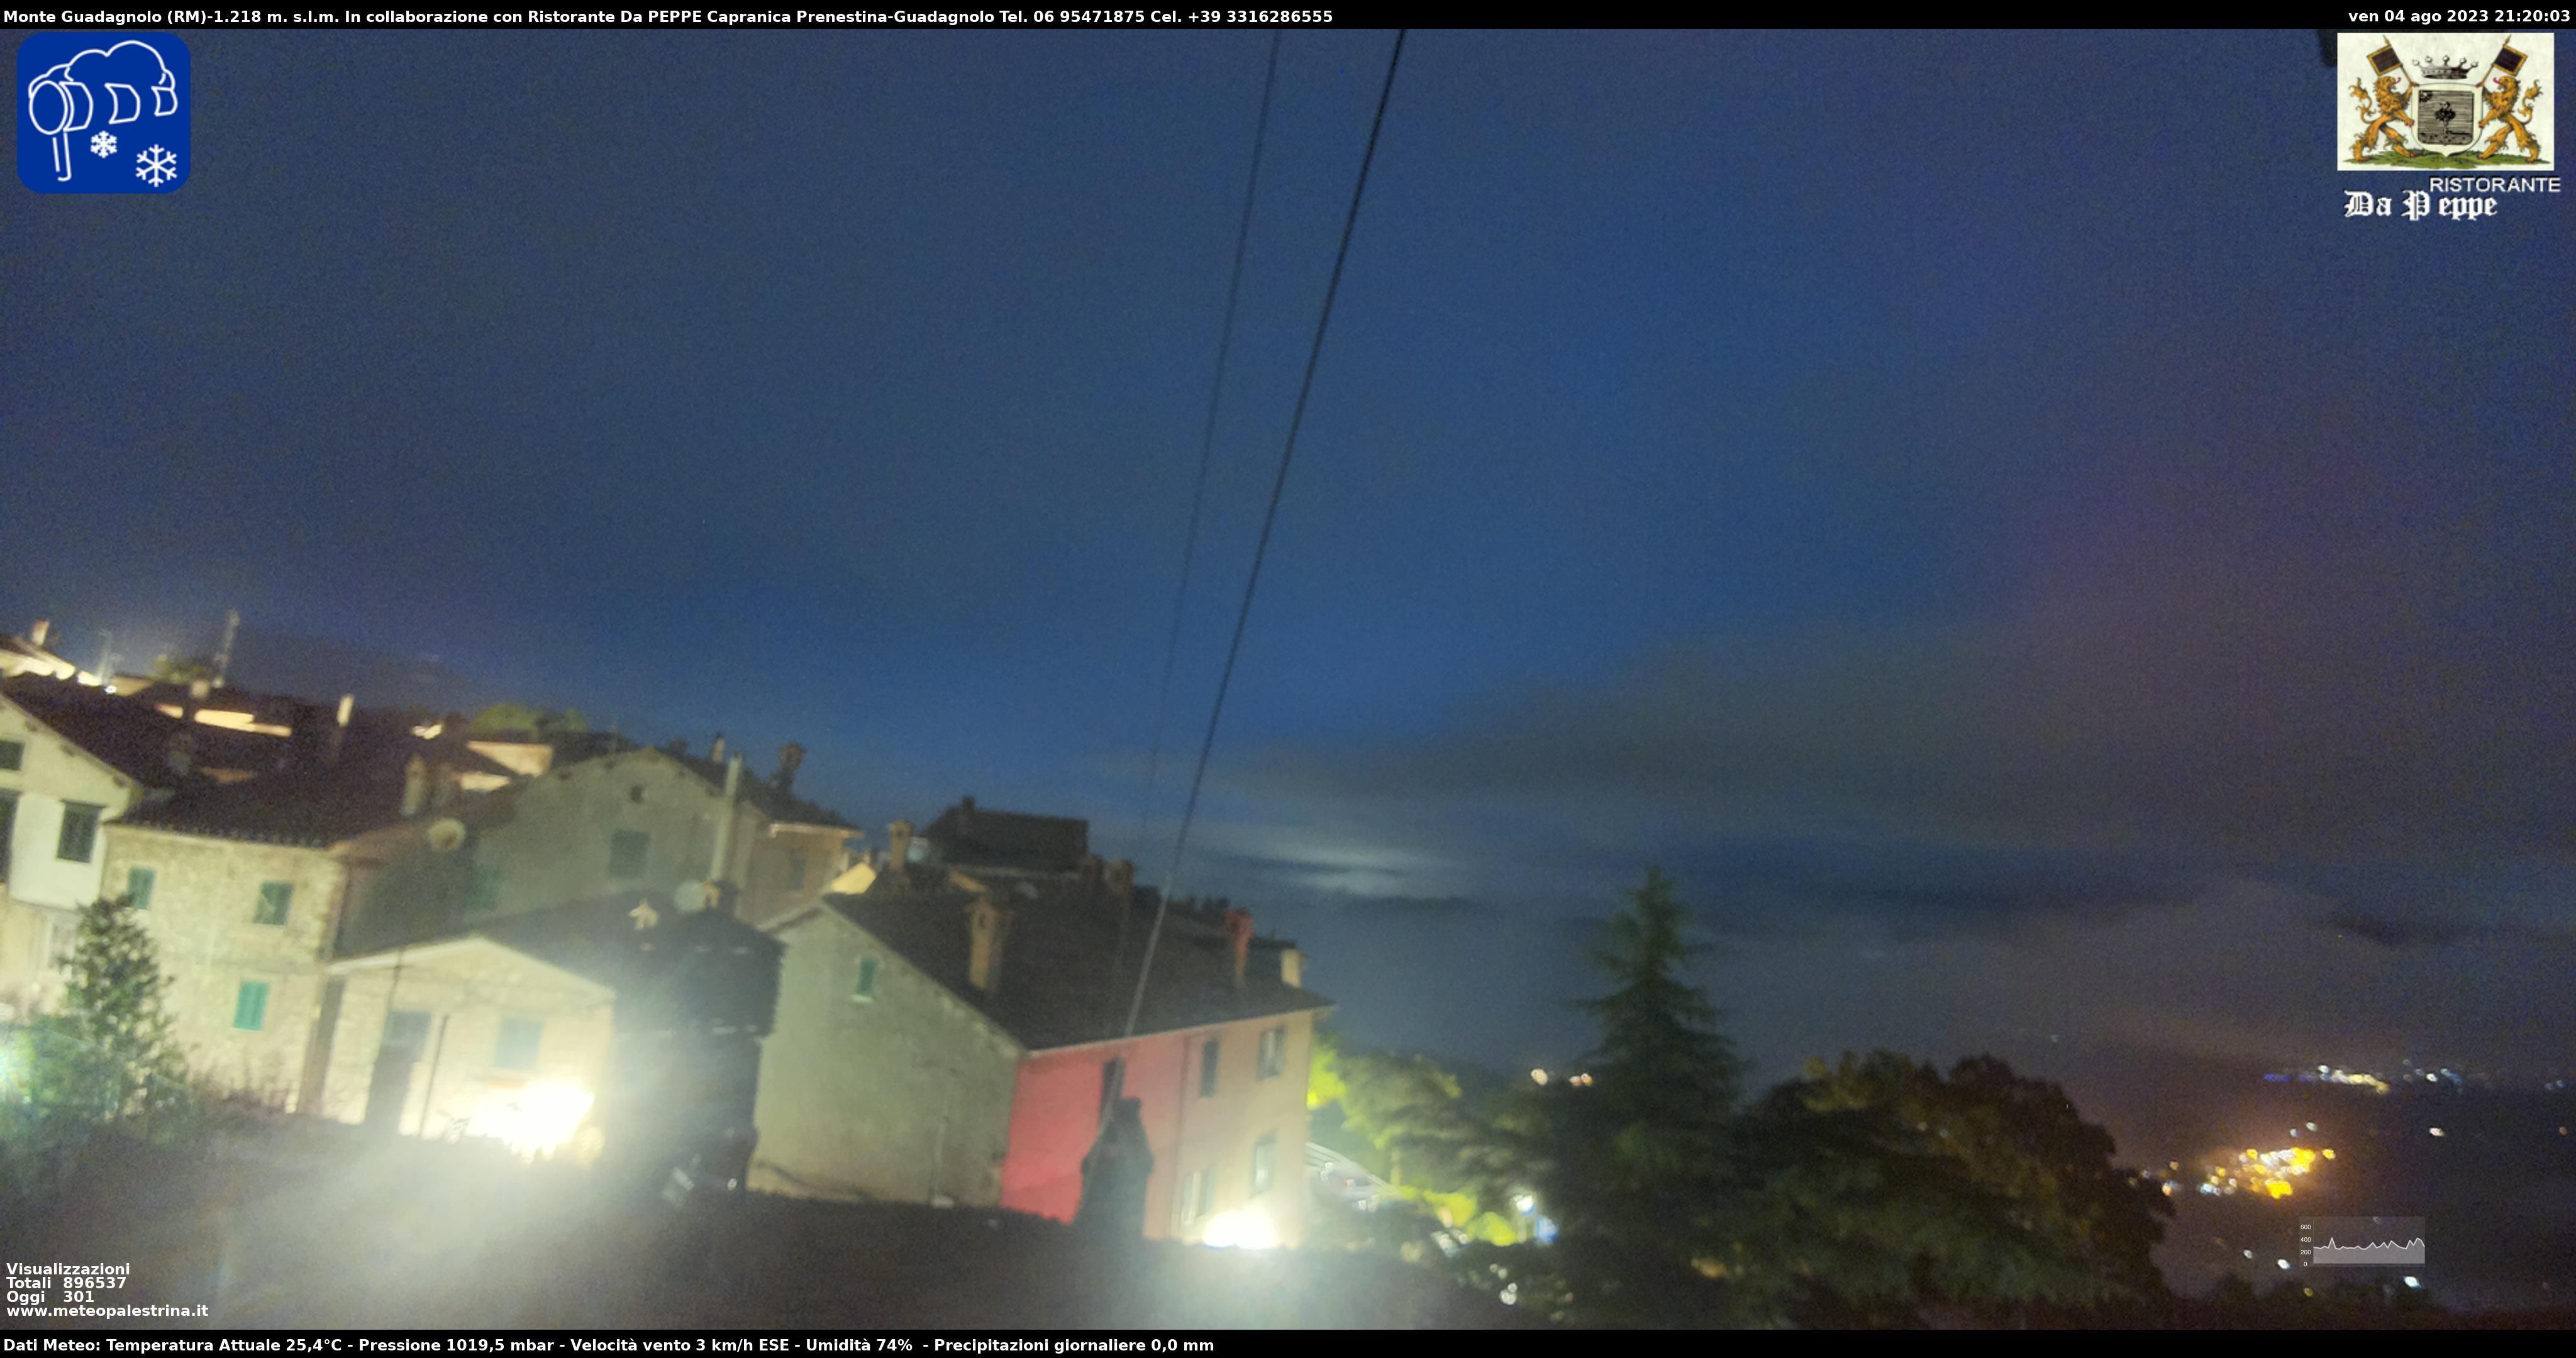 Webcam Panoramica da Guadagnolo in direzione Nord verso gli Appennini